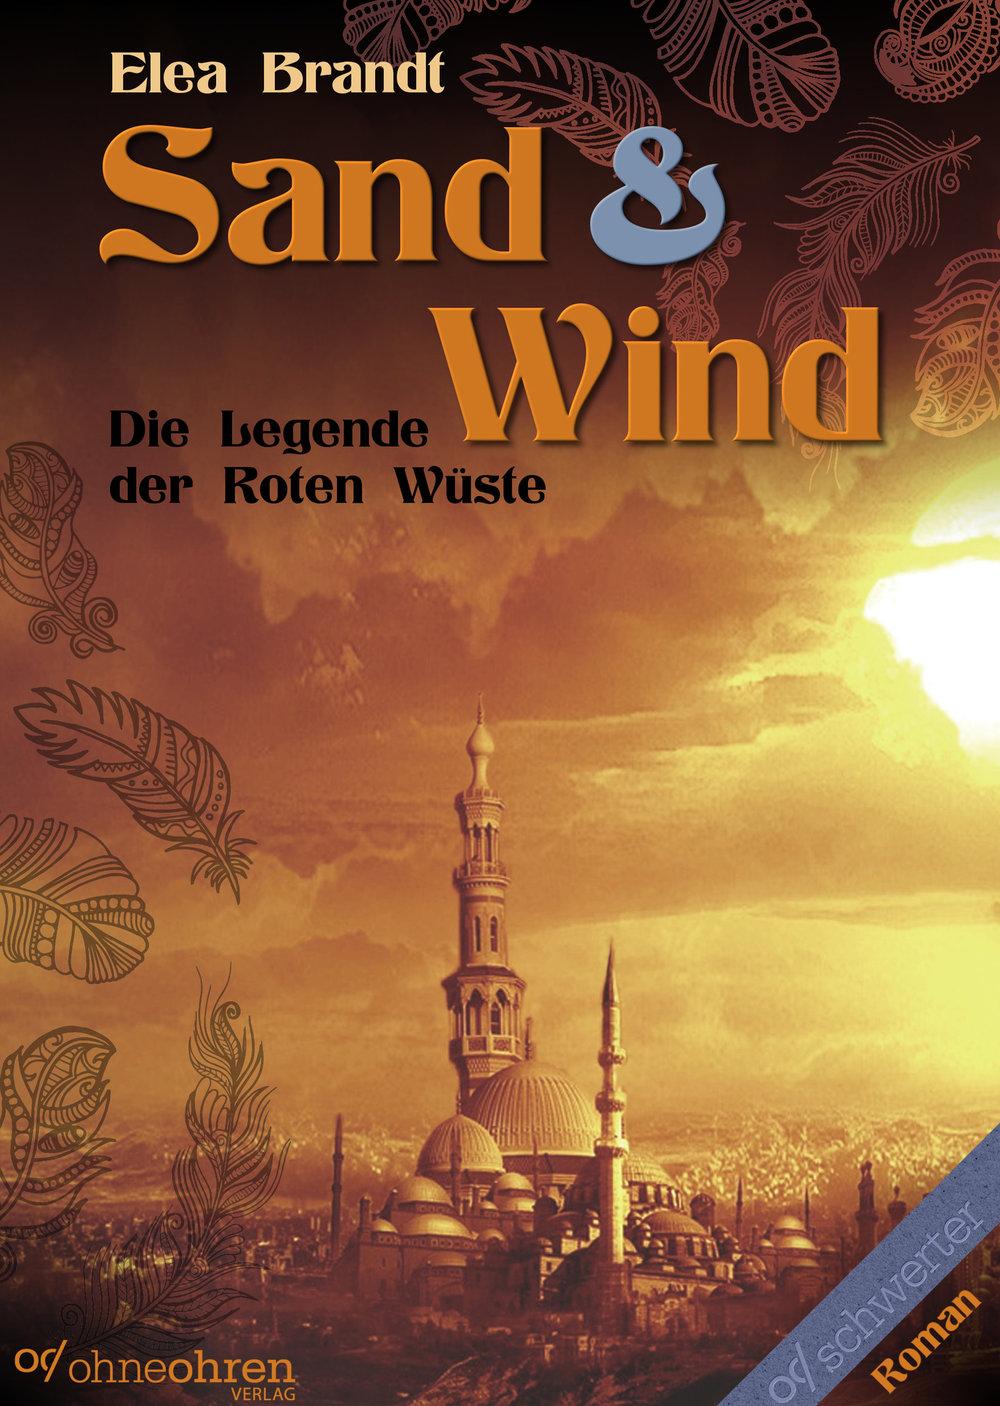 brandt_elea_sand_und_wind_phantastik-autoren-netzwerk.jpg